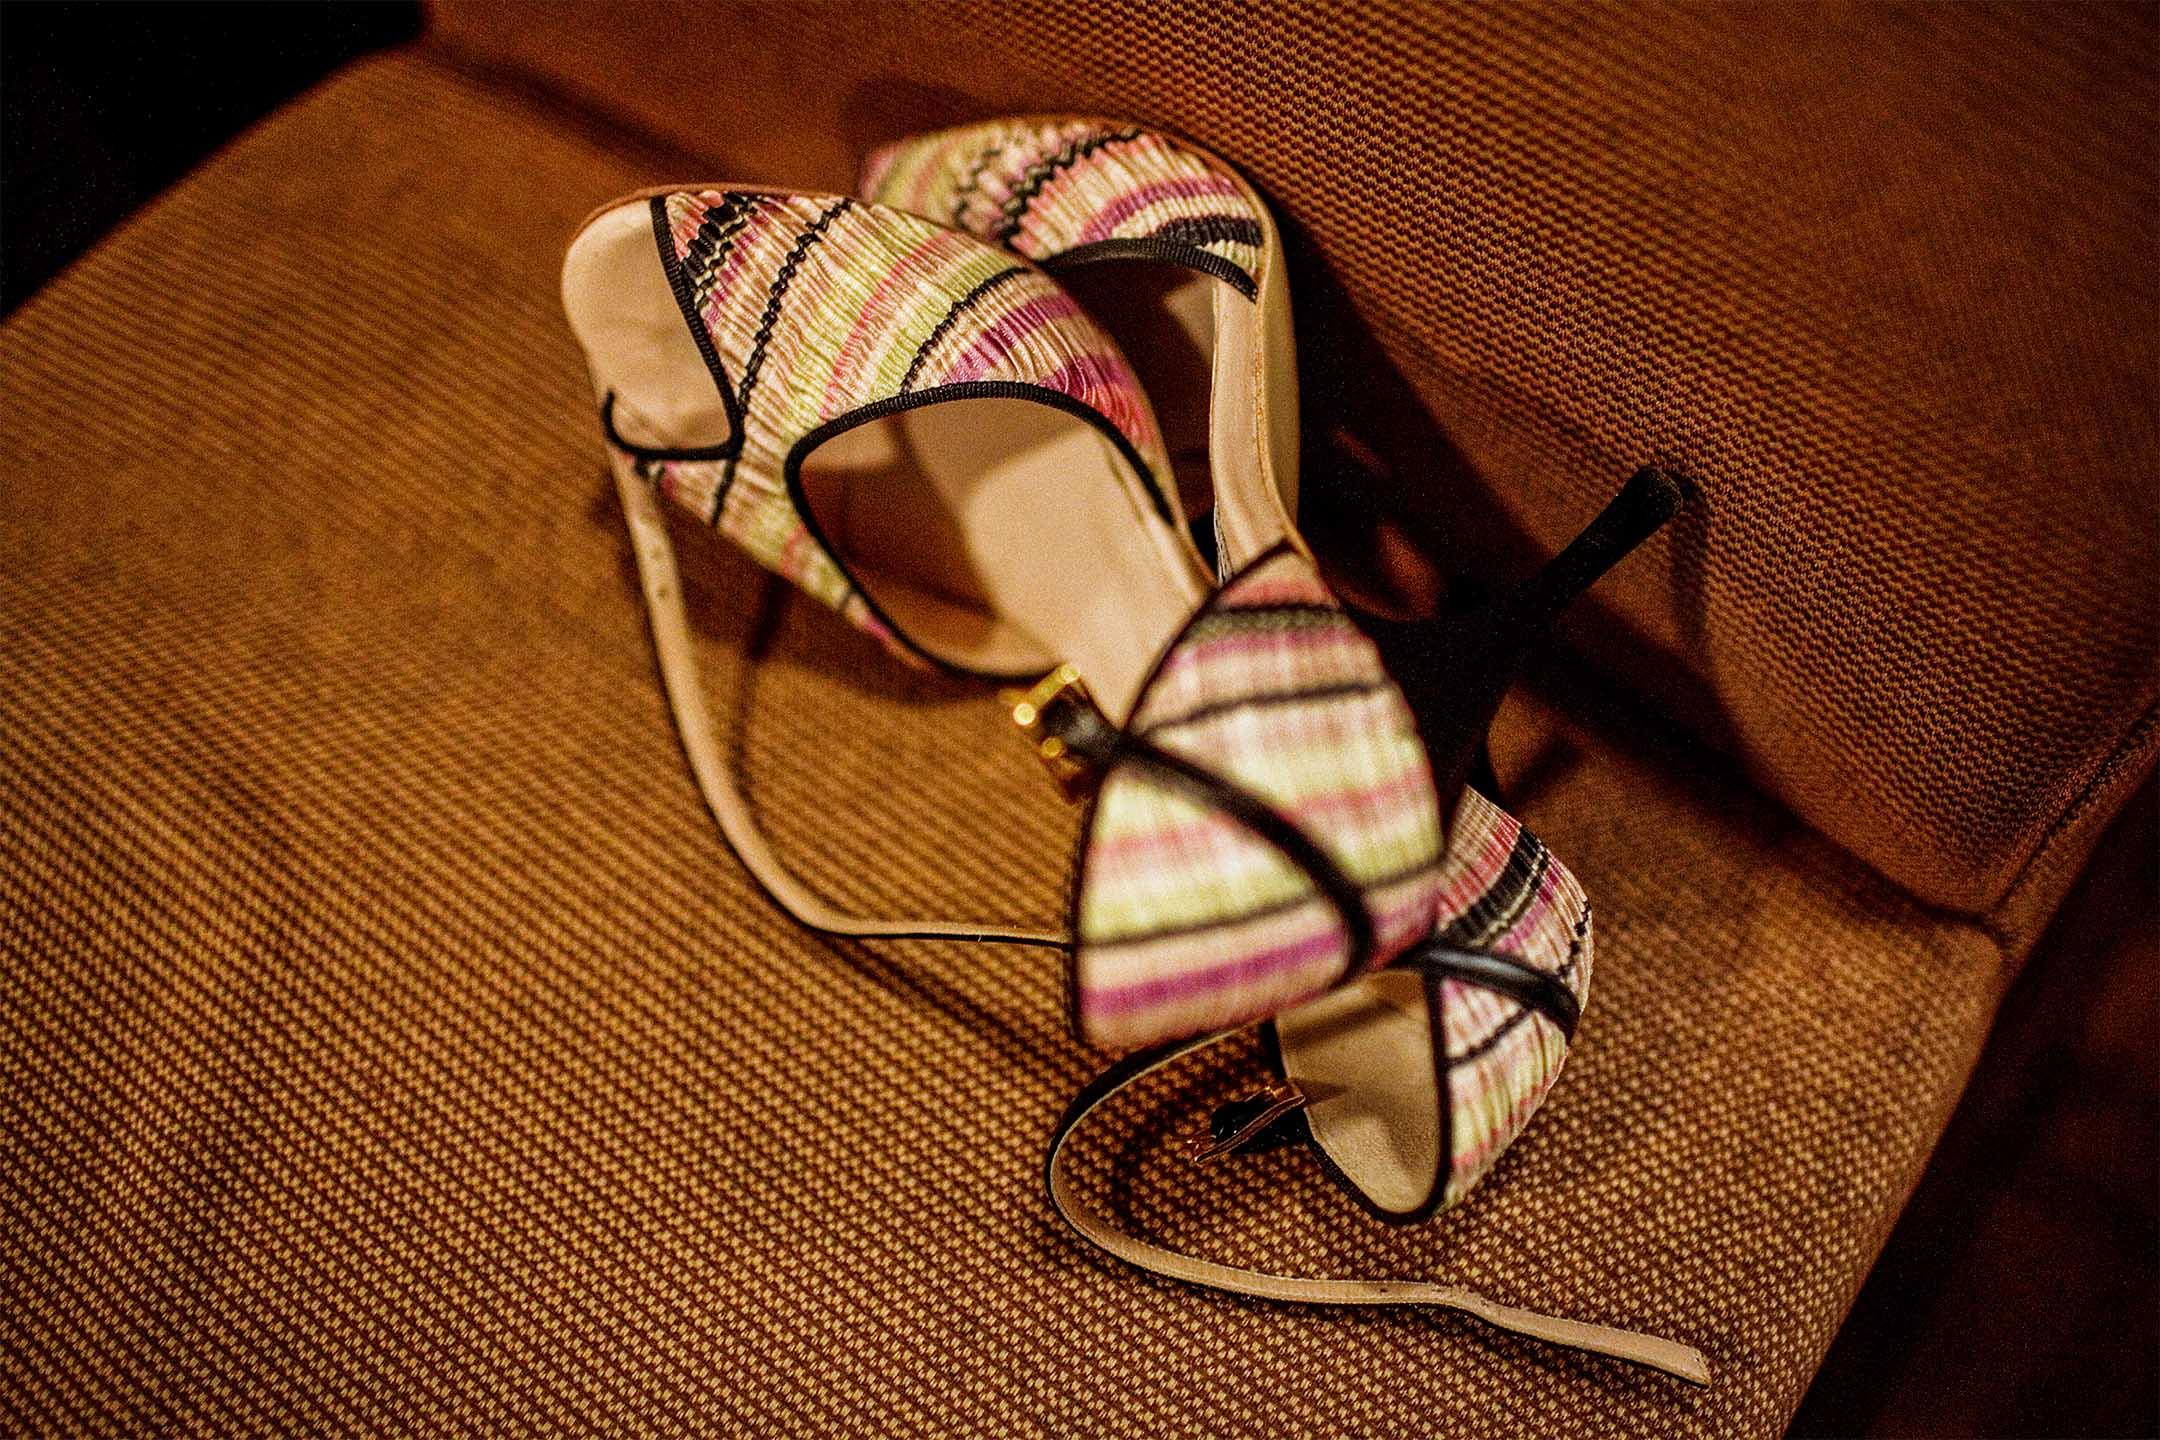 一對高跟鞋放在沙發上。